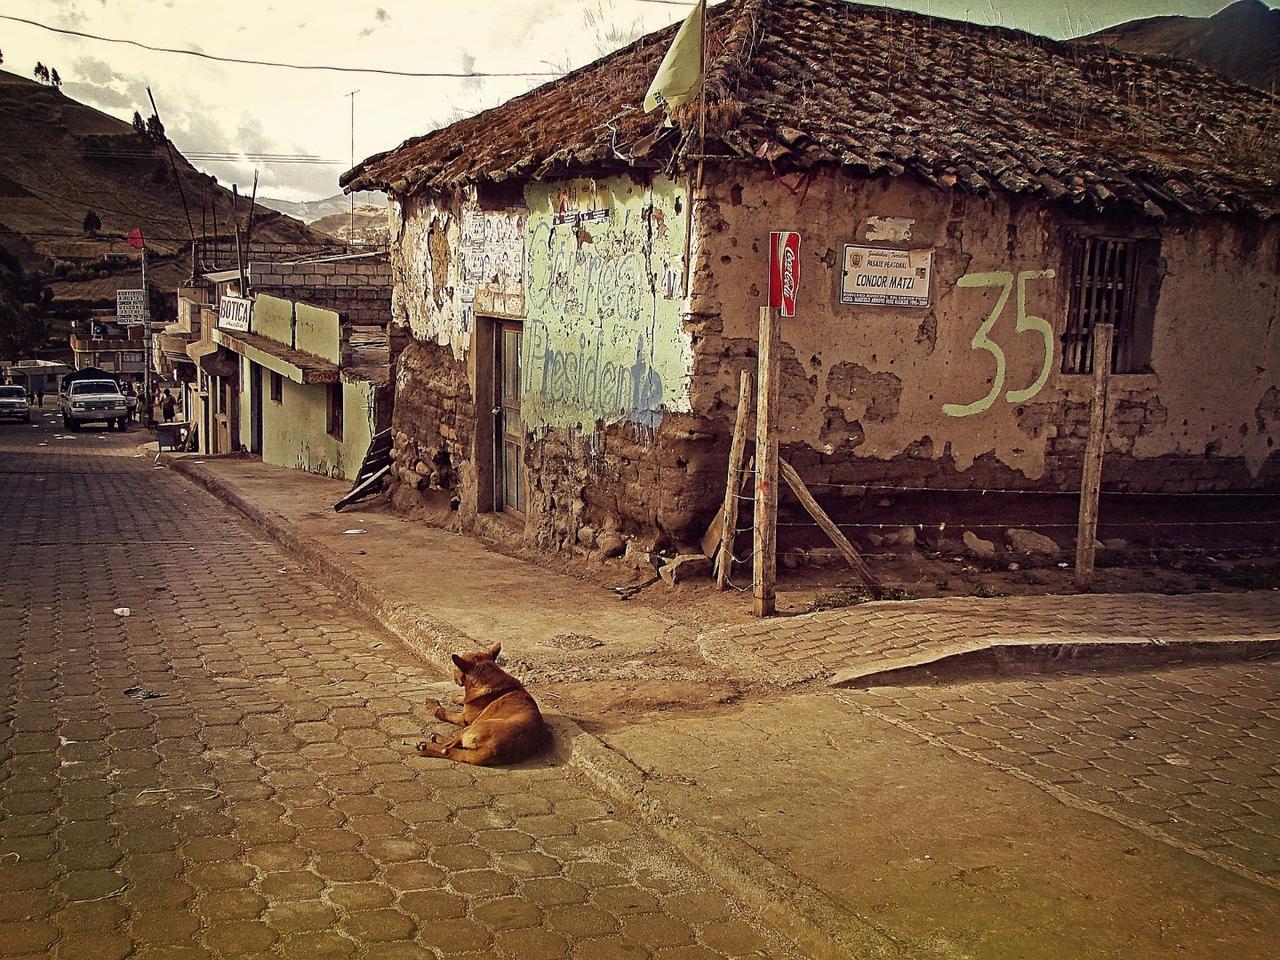 A village near the equator in Ecuador